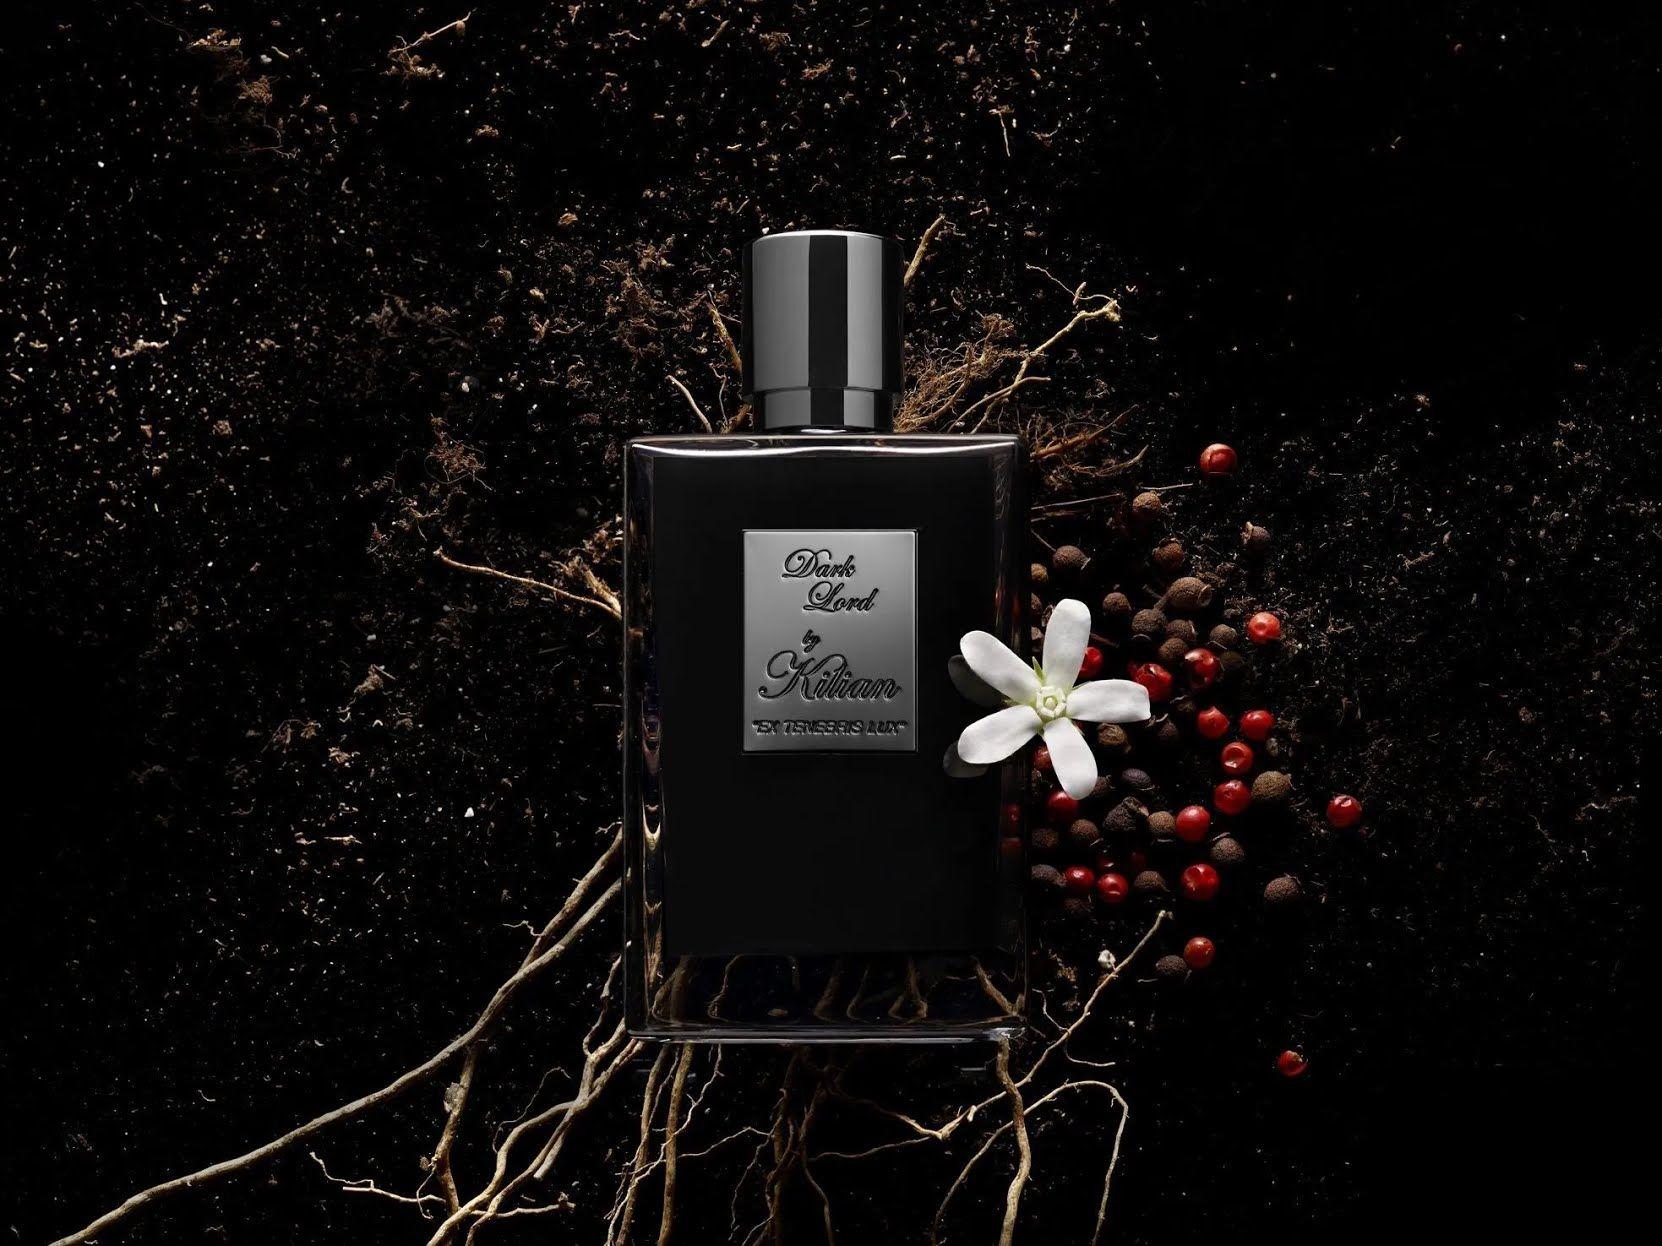 Kilian Dark Lord мужній аромат розроблений іспанським парфумером Альберто Морільясом